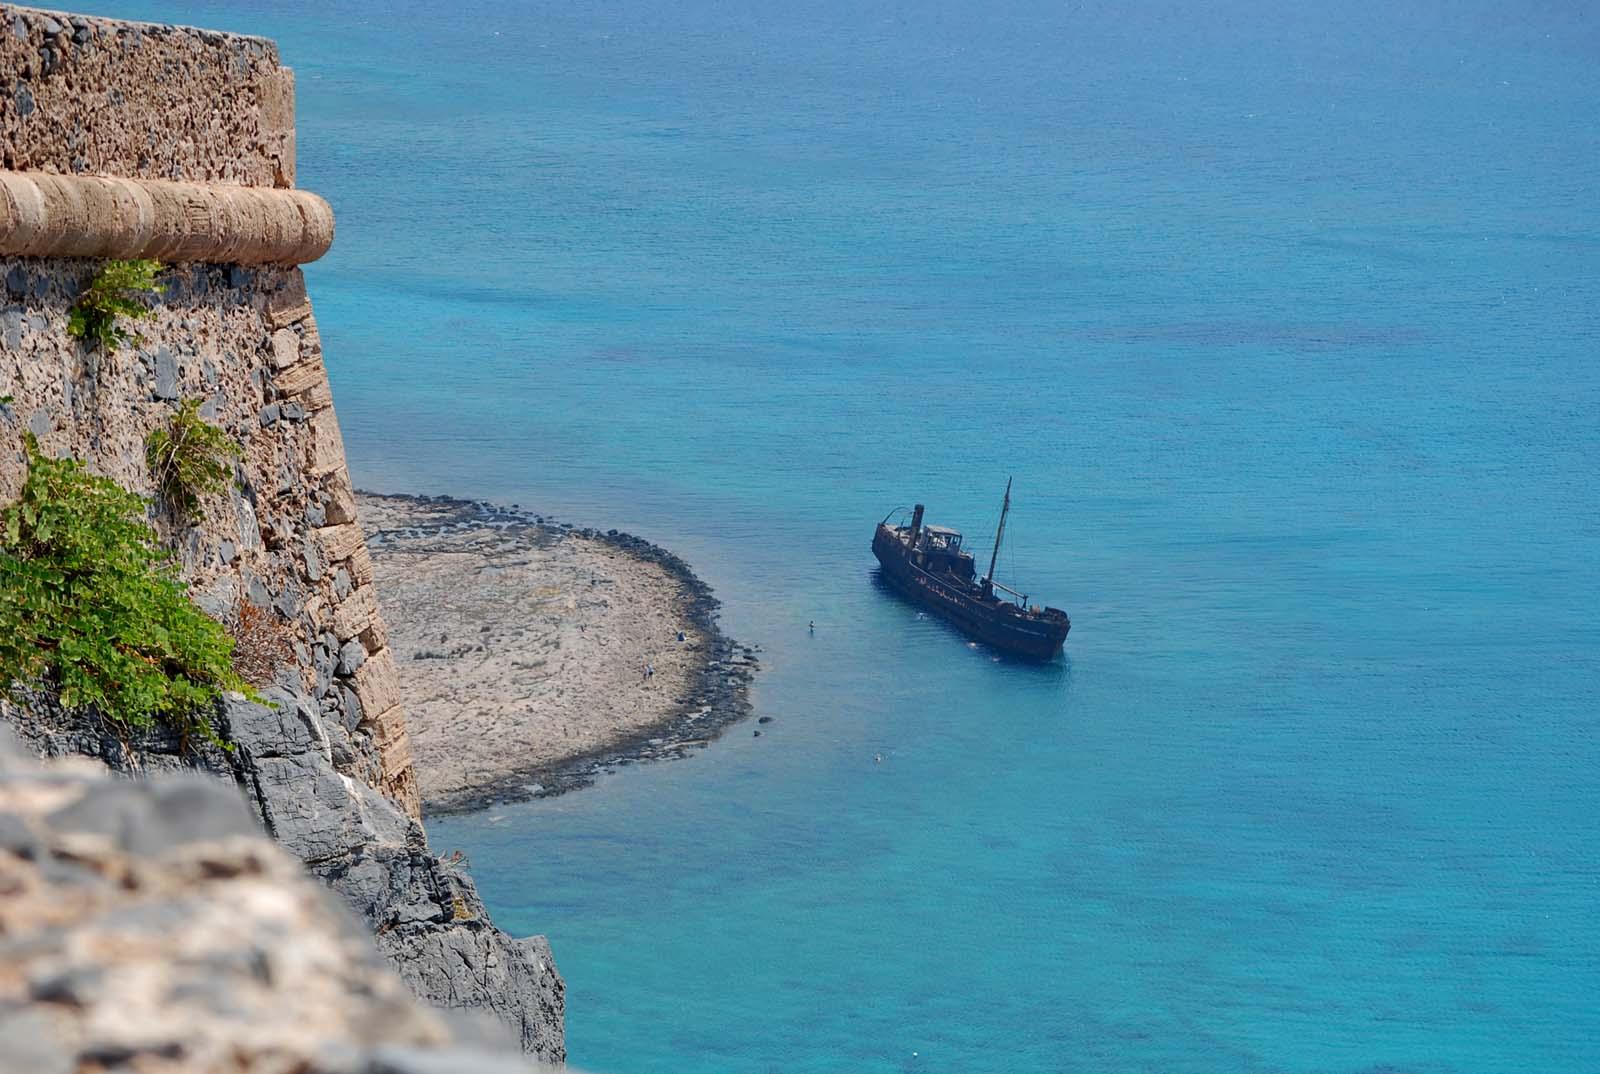 Wrak na wyspie Gramvousa